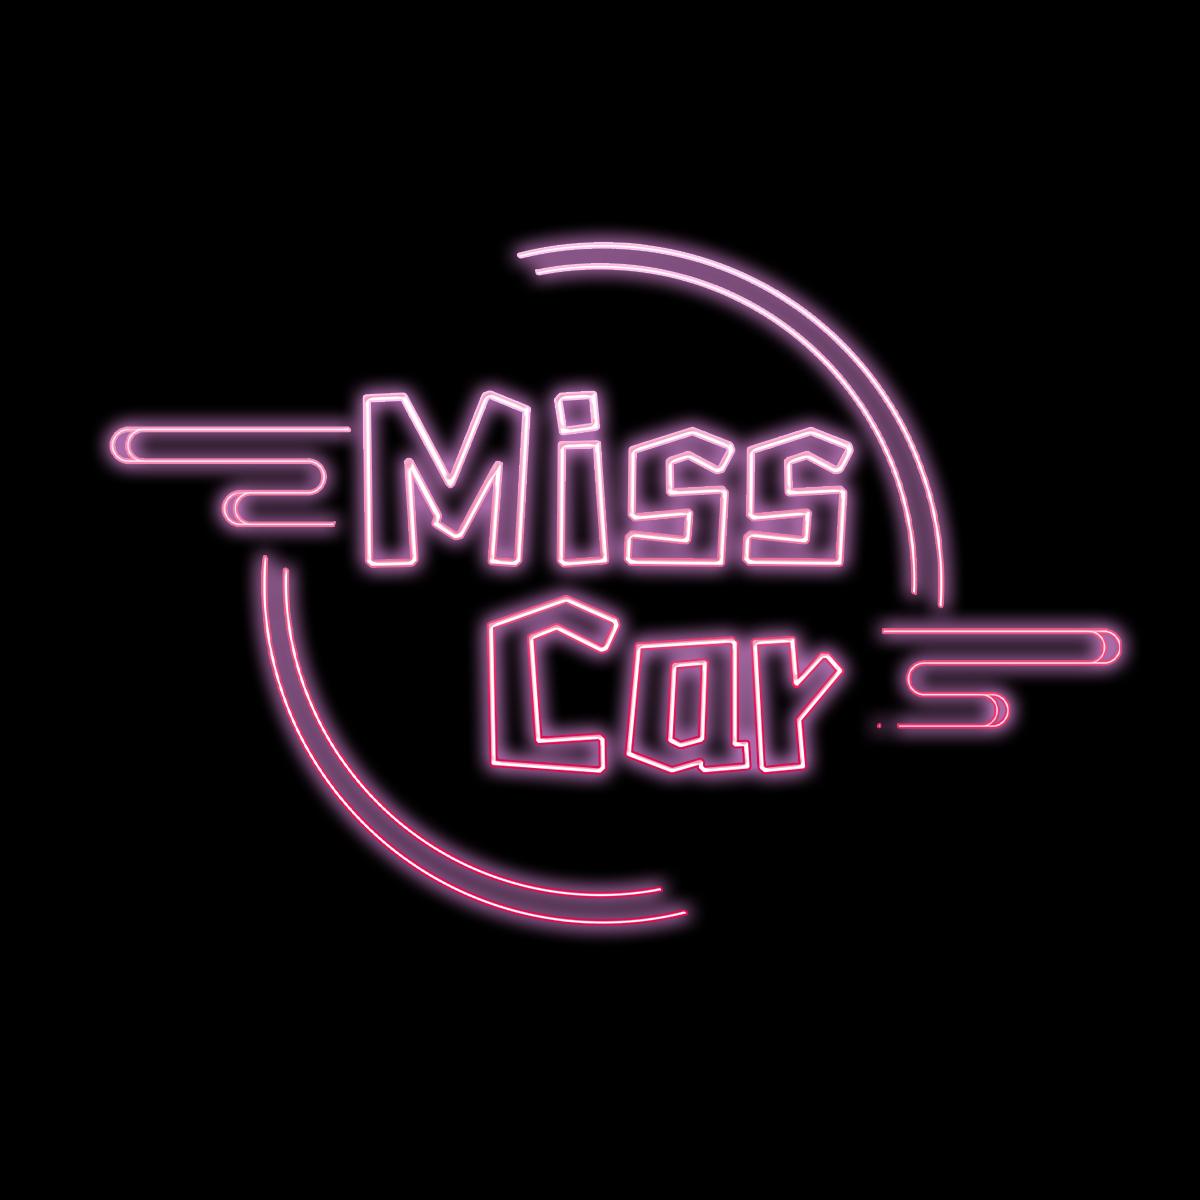 MissCar1